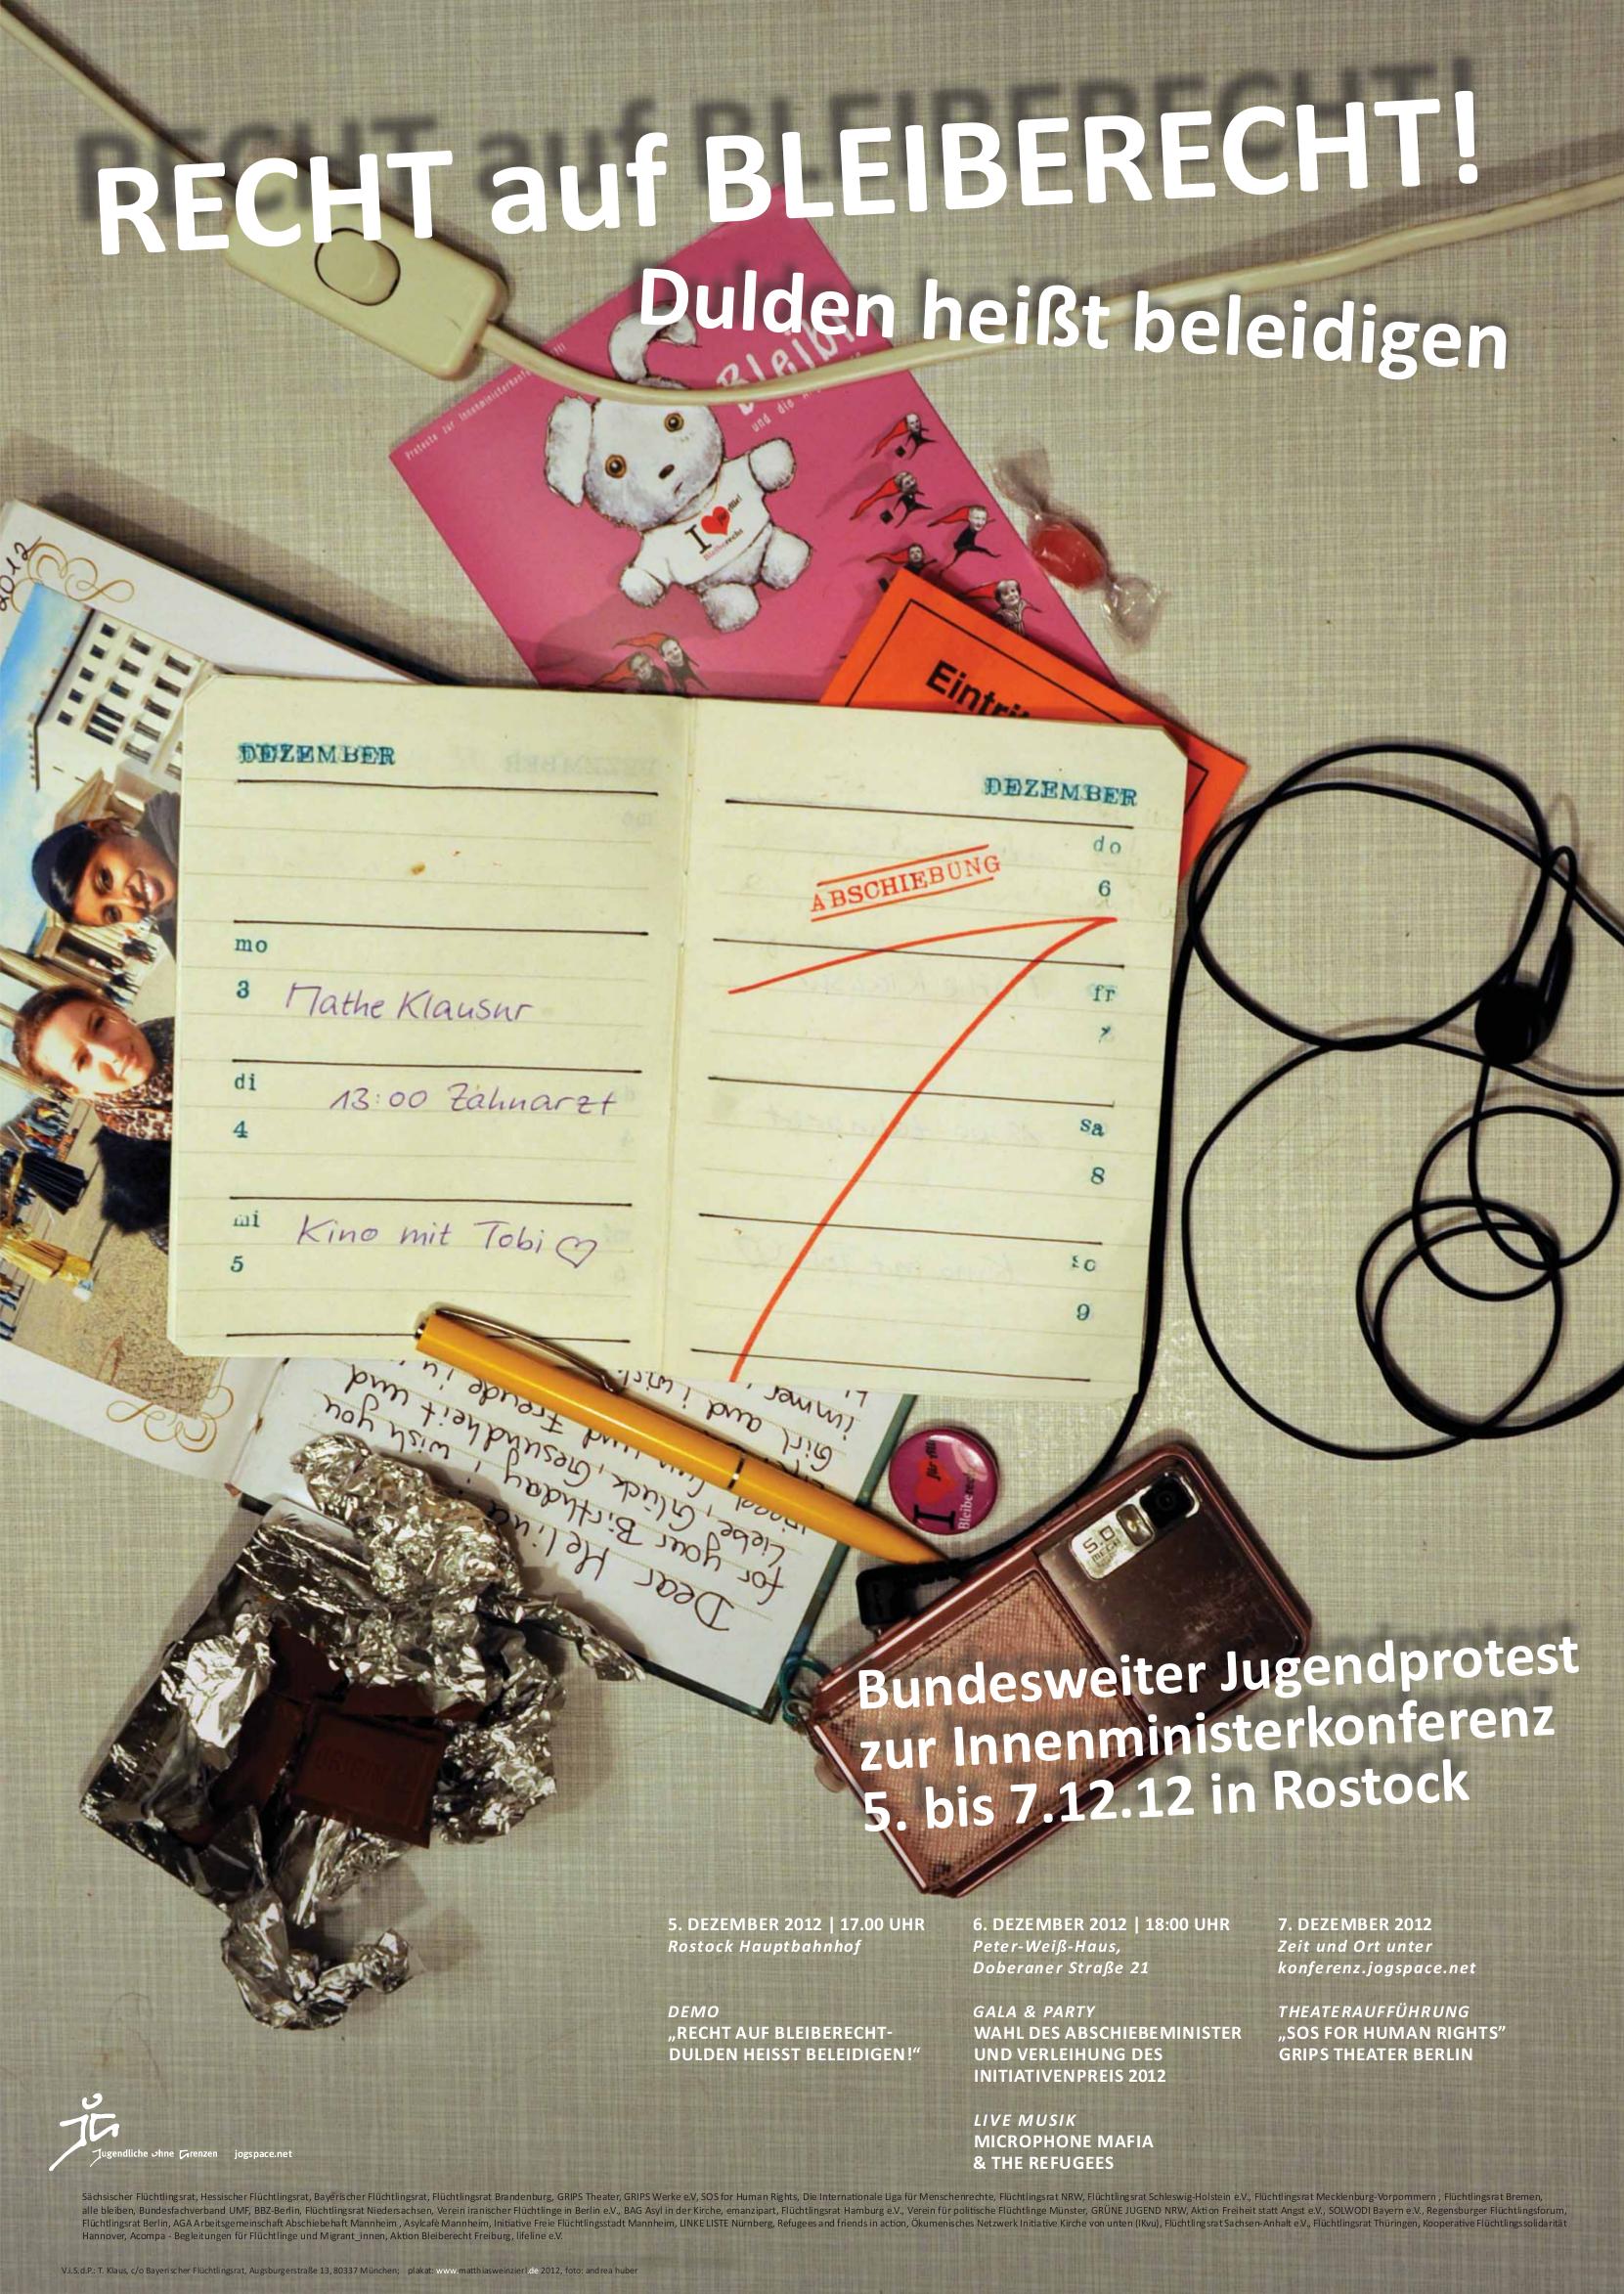 10. JOG Konferenz Rostock – 4. – 7.12.2012